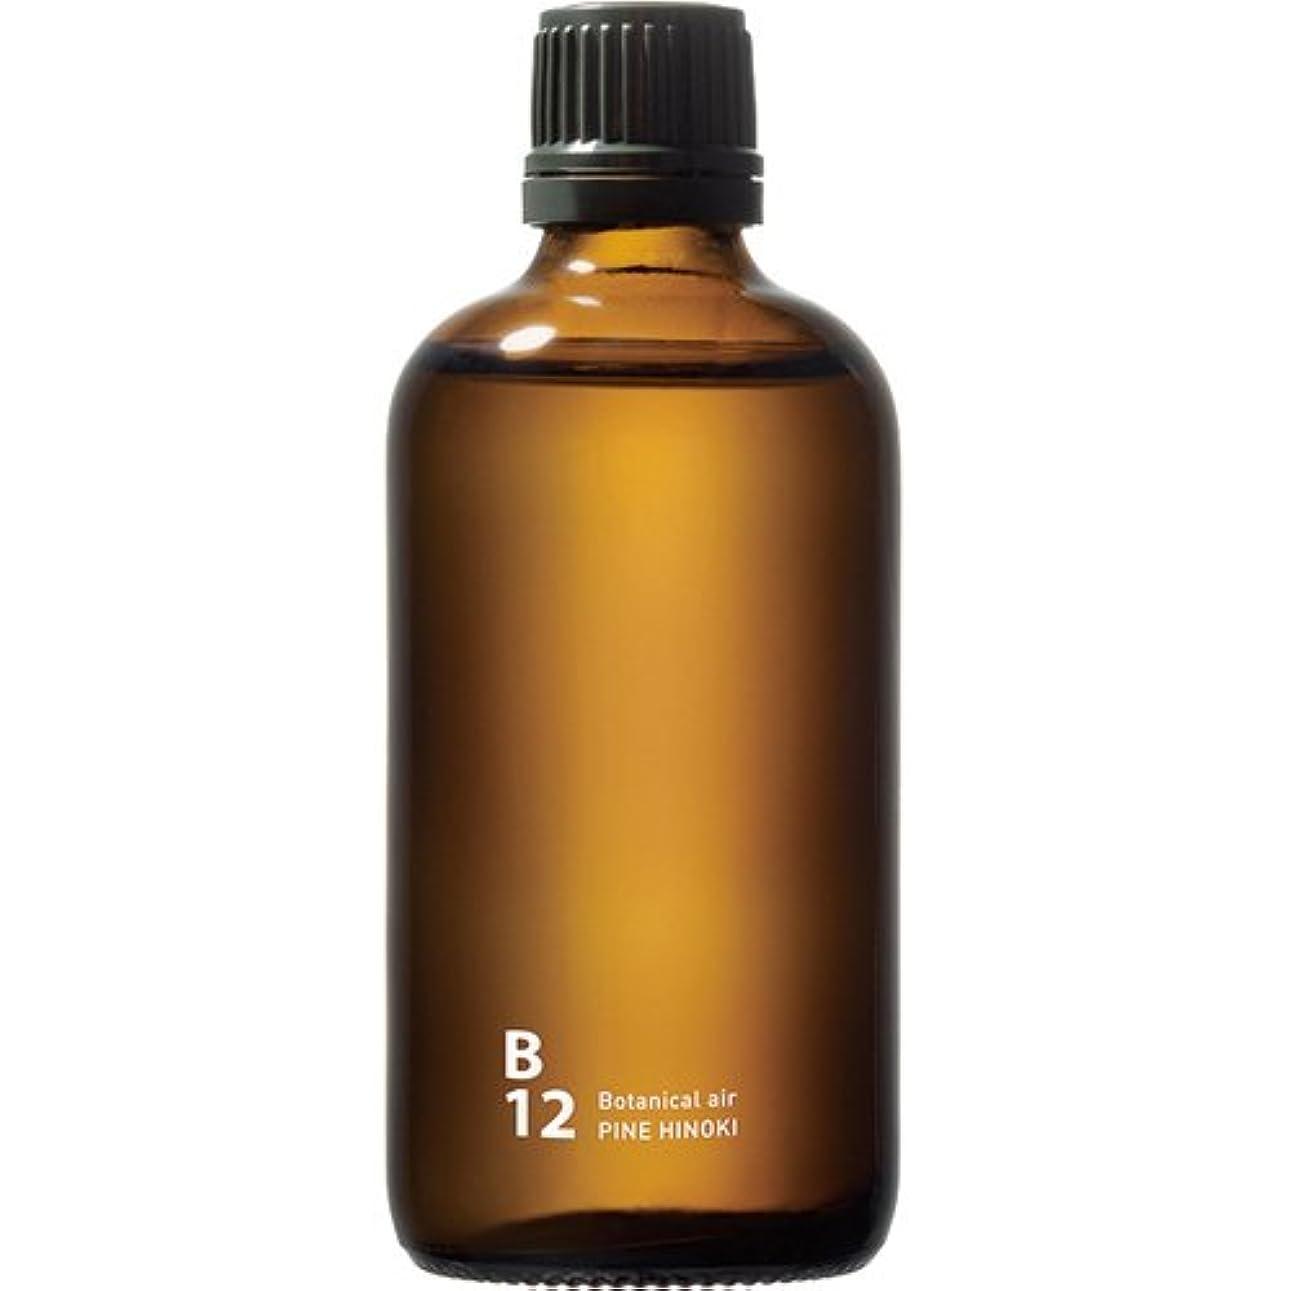 B12 PINE HINOKI piezo aroma oil 100ml